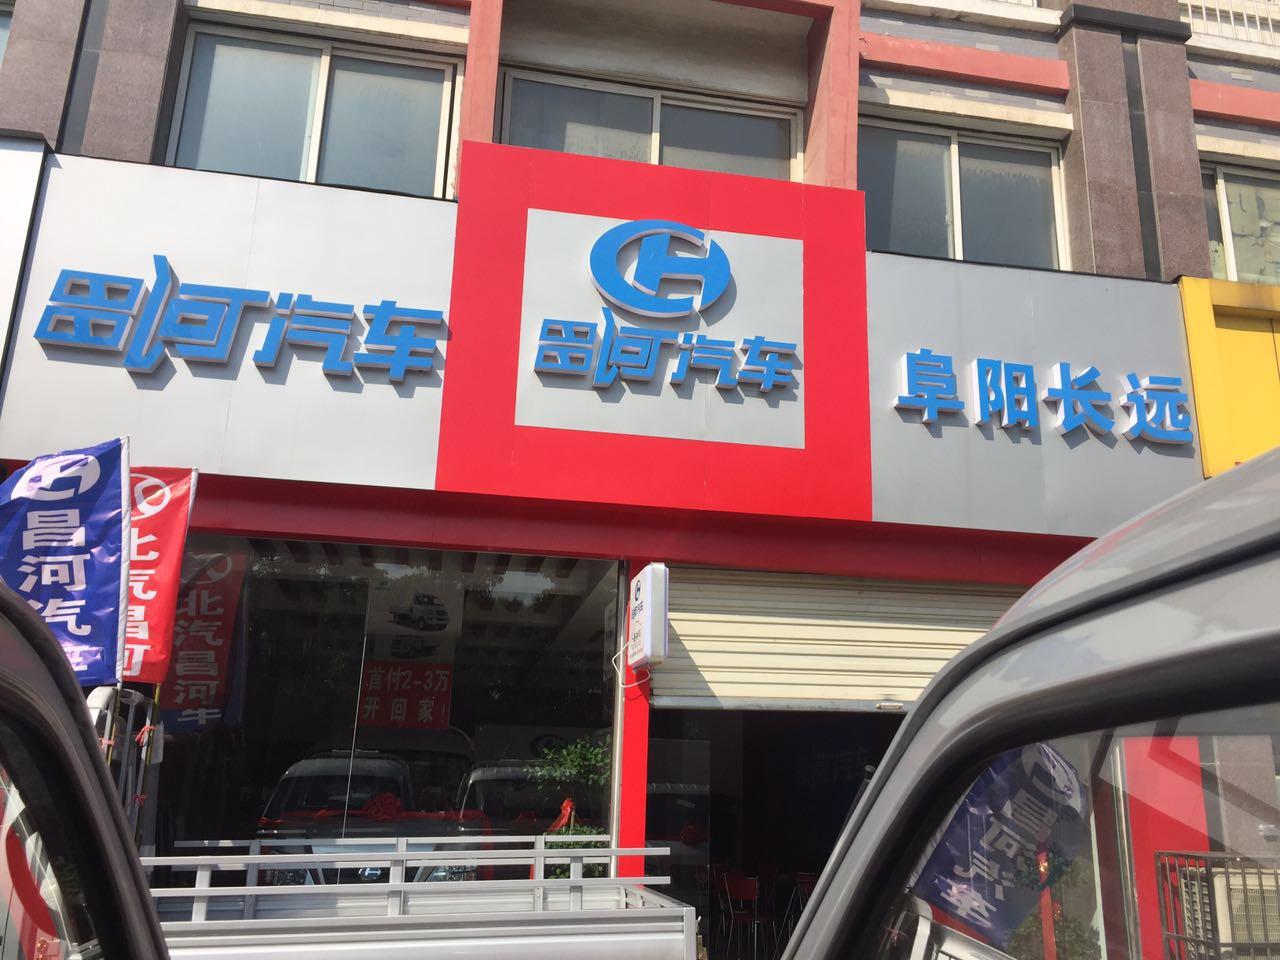 阜阳市长远汽车销售服务有限公司